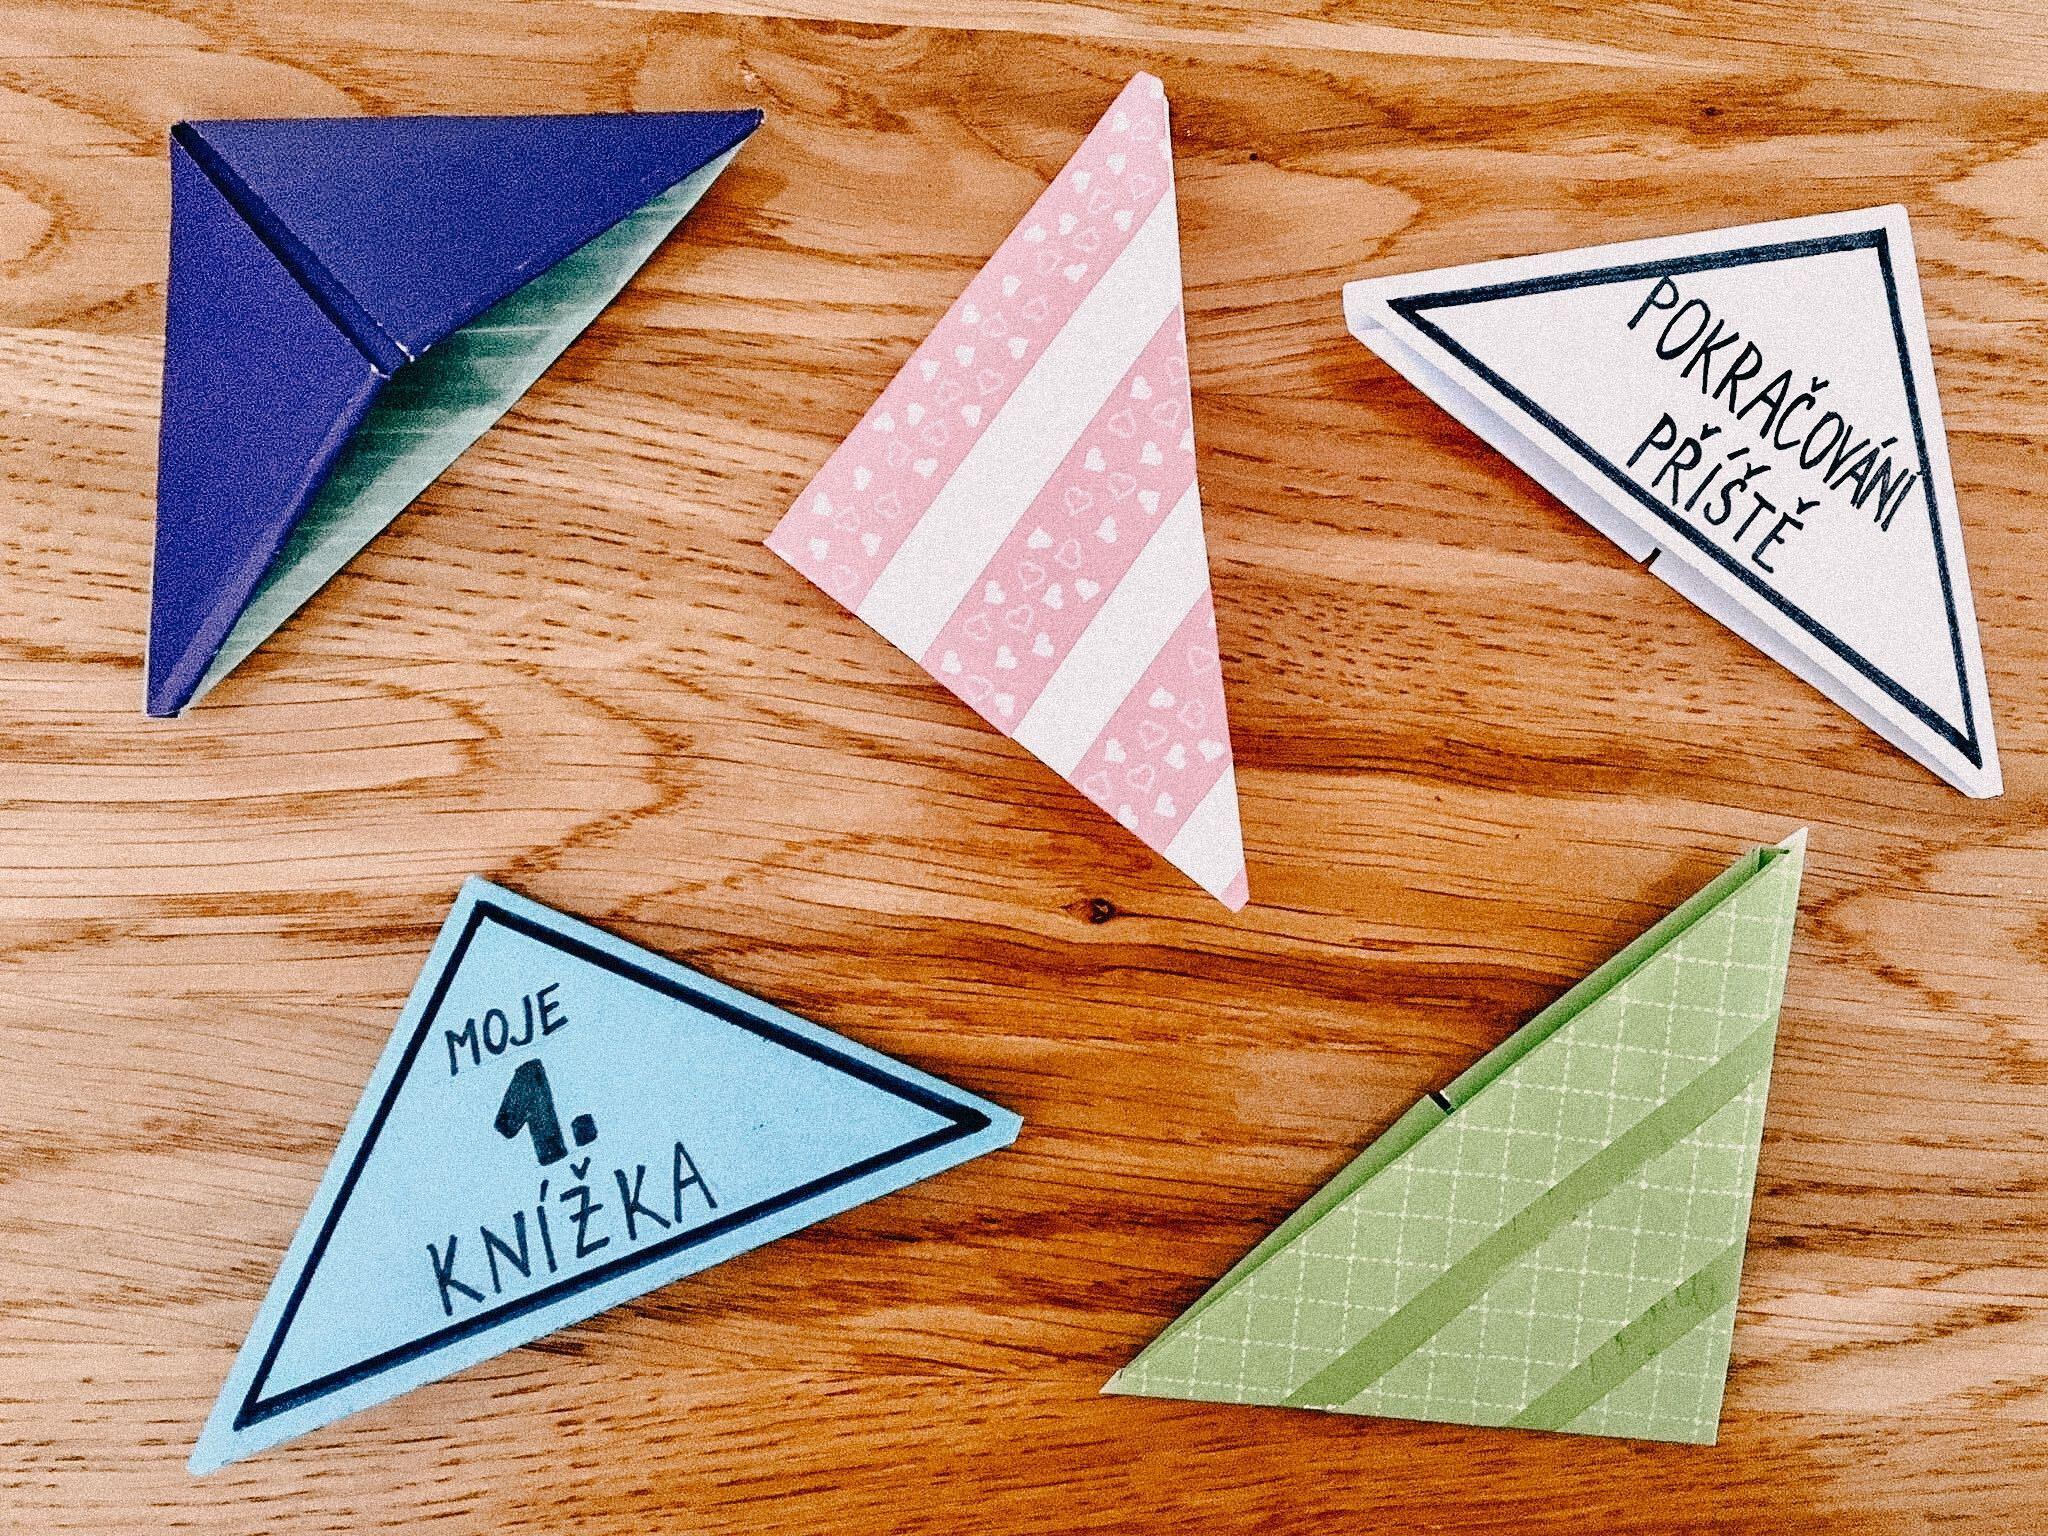 origami-za-loz-ky-1590085324